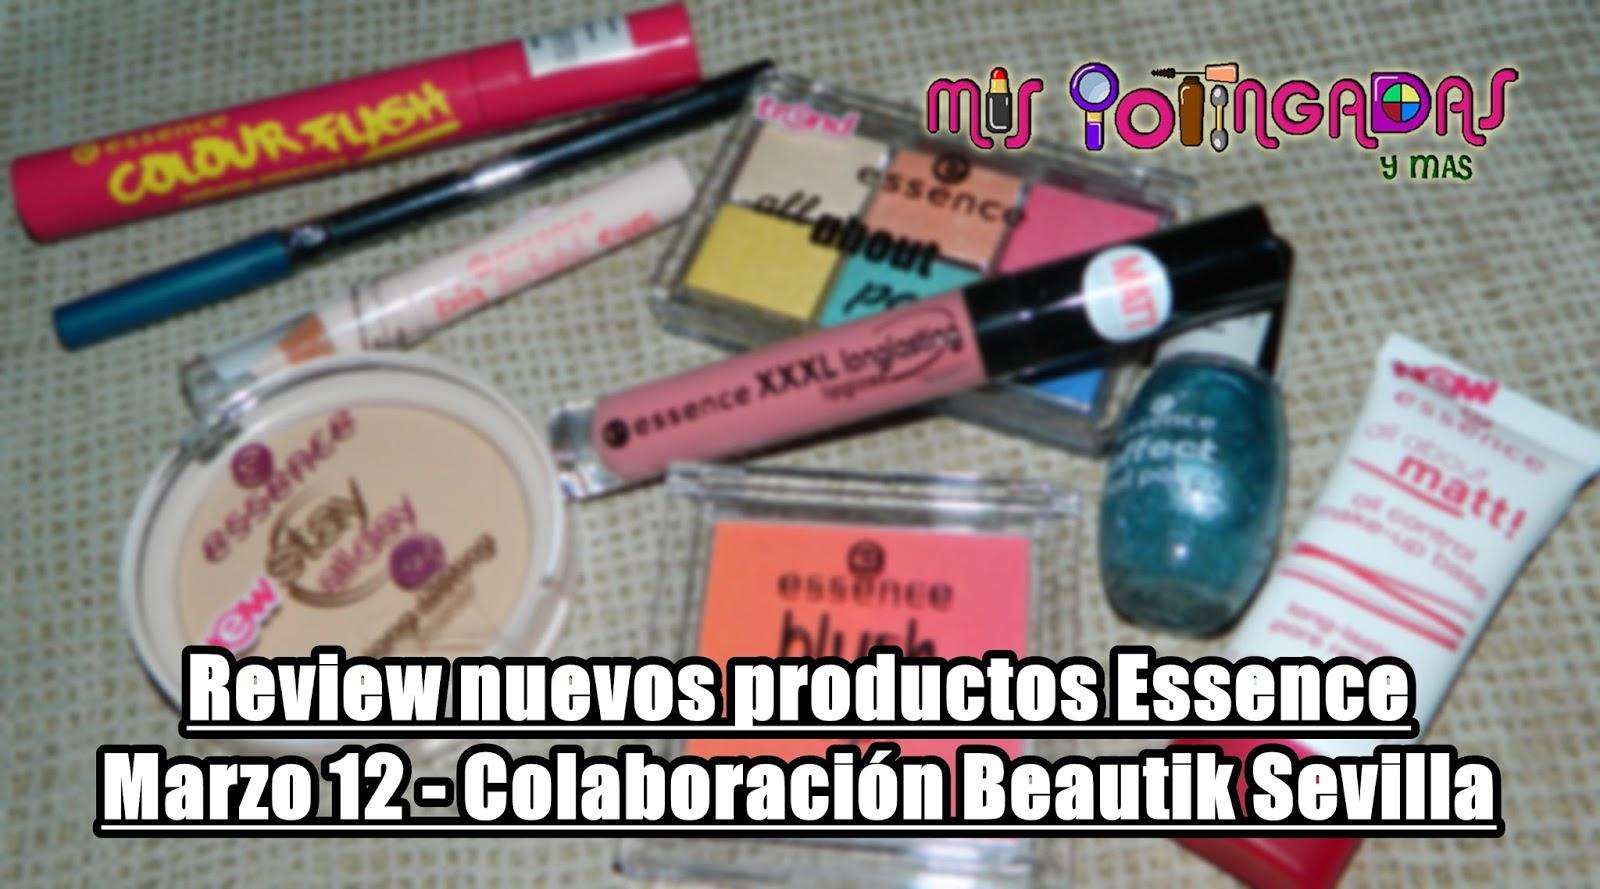 Nuevos productos de Essence (Marzo 2014) - Review - Colaboración Beautik Sevilla